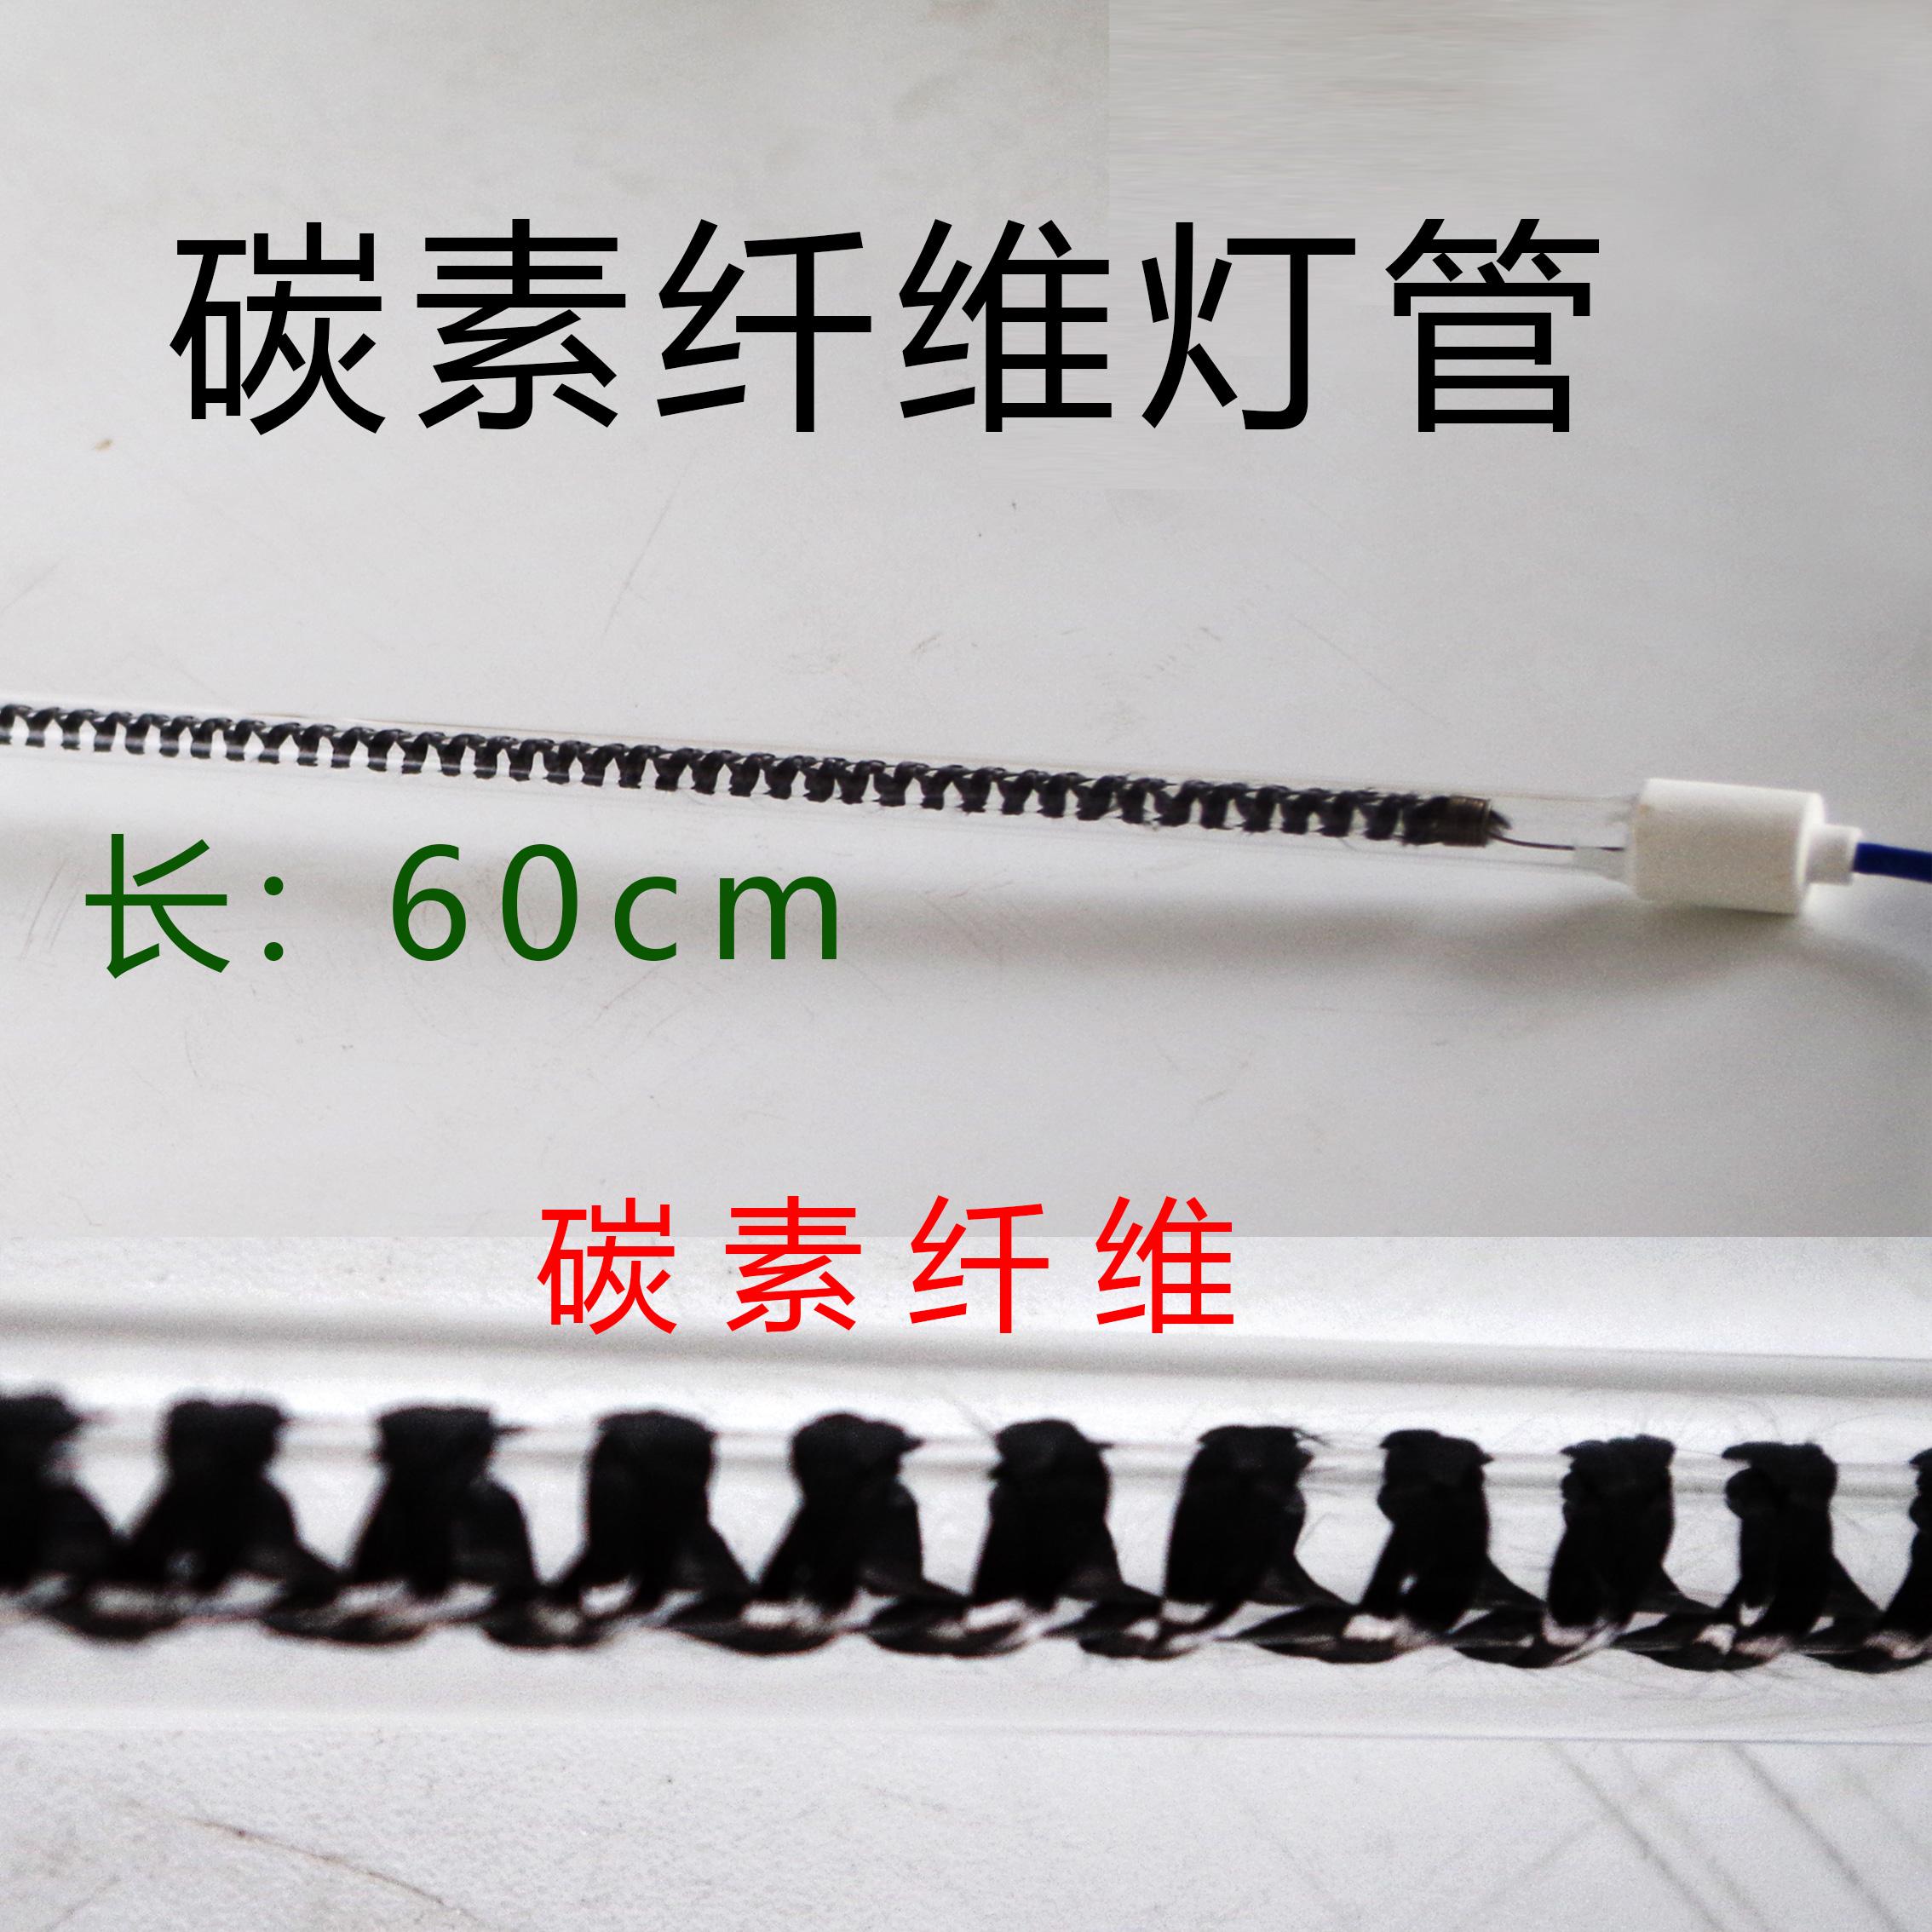 Heiße Infrarot - lampen Scheune heizung - fahrzeug - Zu - fieber der langwelle 1000w220v60cm Lampe